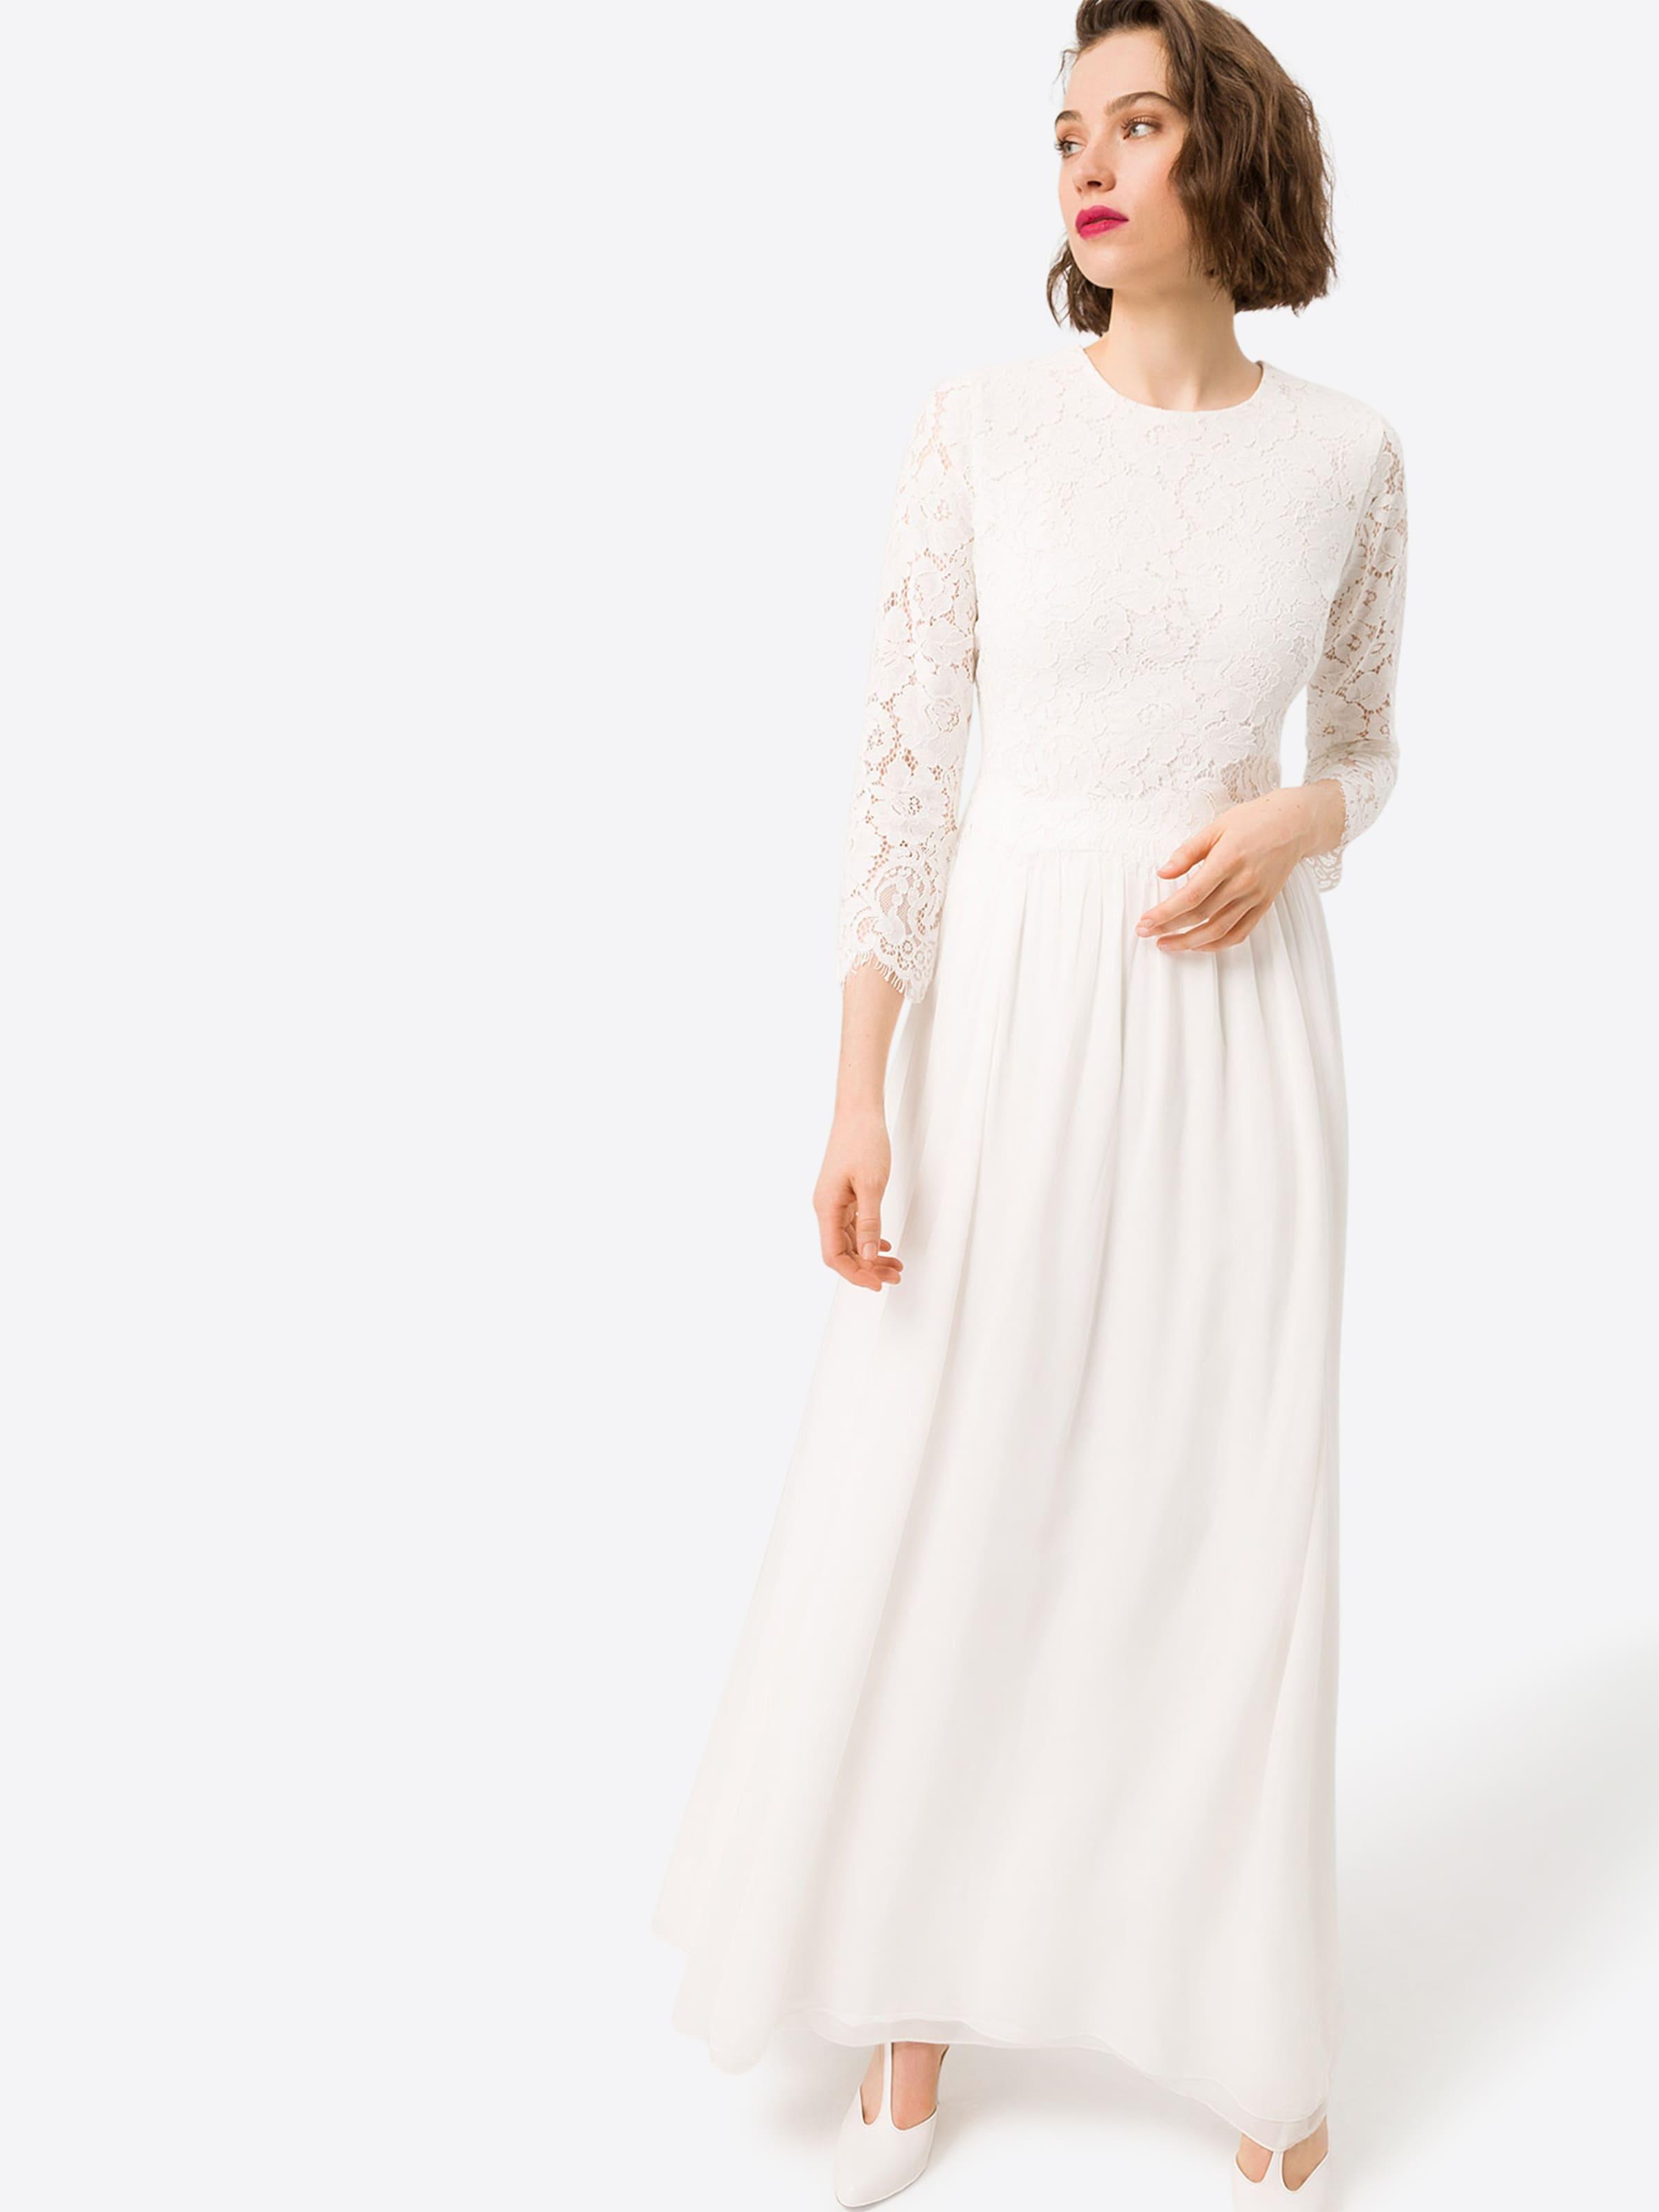 Soirée 'bridal Maxi' Blanc Oak De Ivyamp; En 2in1 Robe De2bHWE9YI